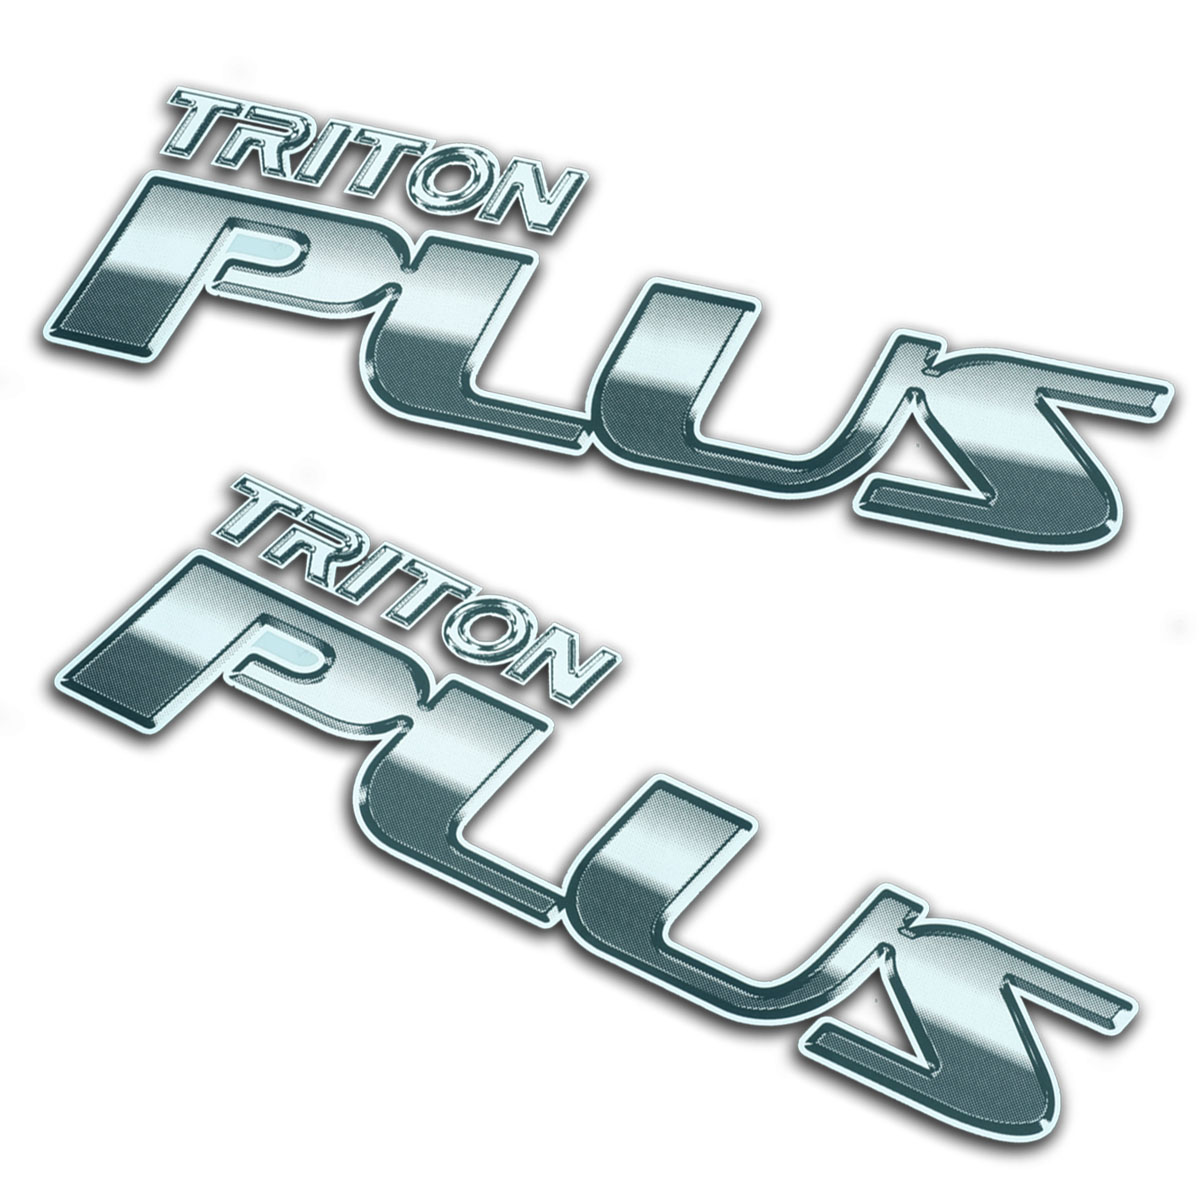 Fits Mitsubishi L200 Triton 05 2010 14 Sticker Badge TRITON PLUS Trim Black